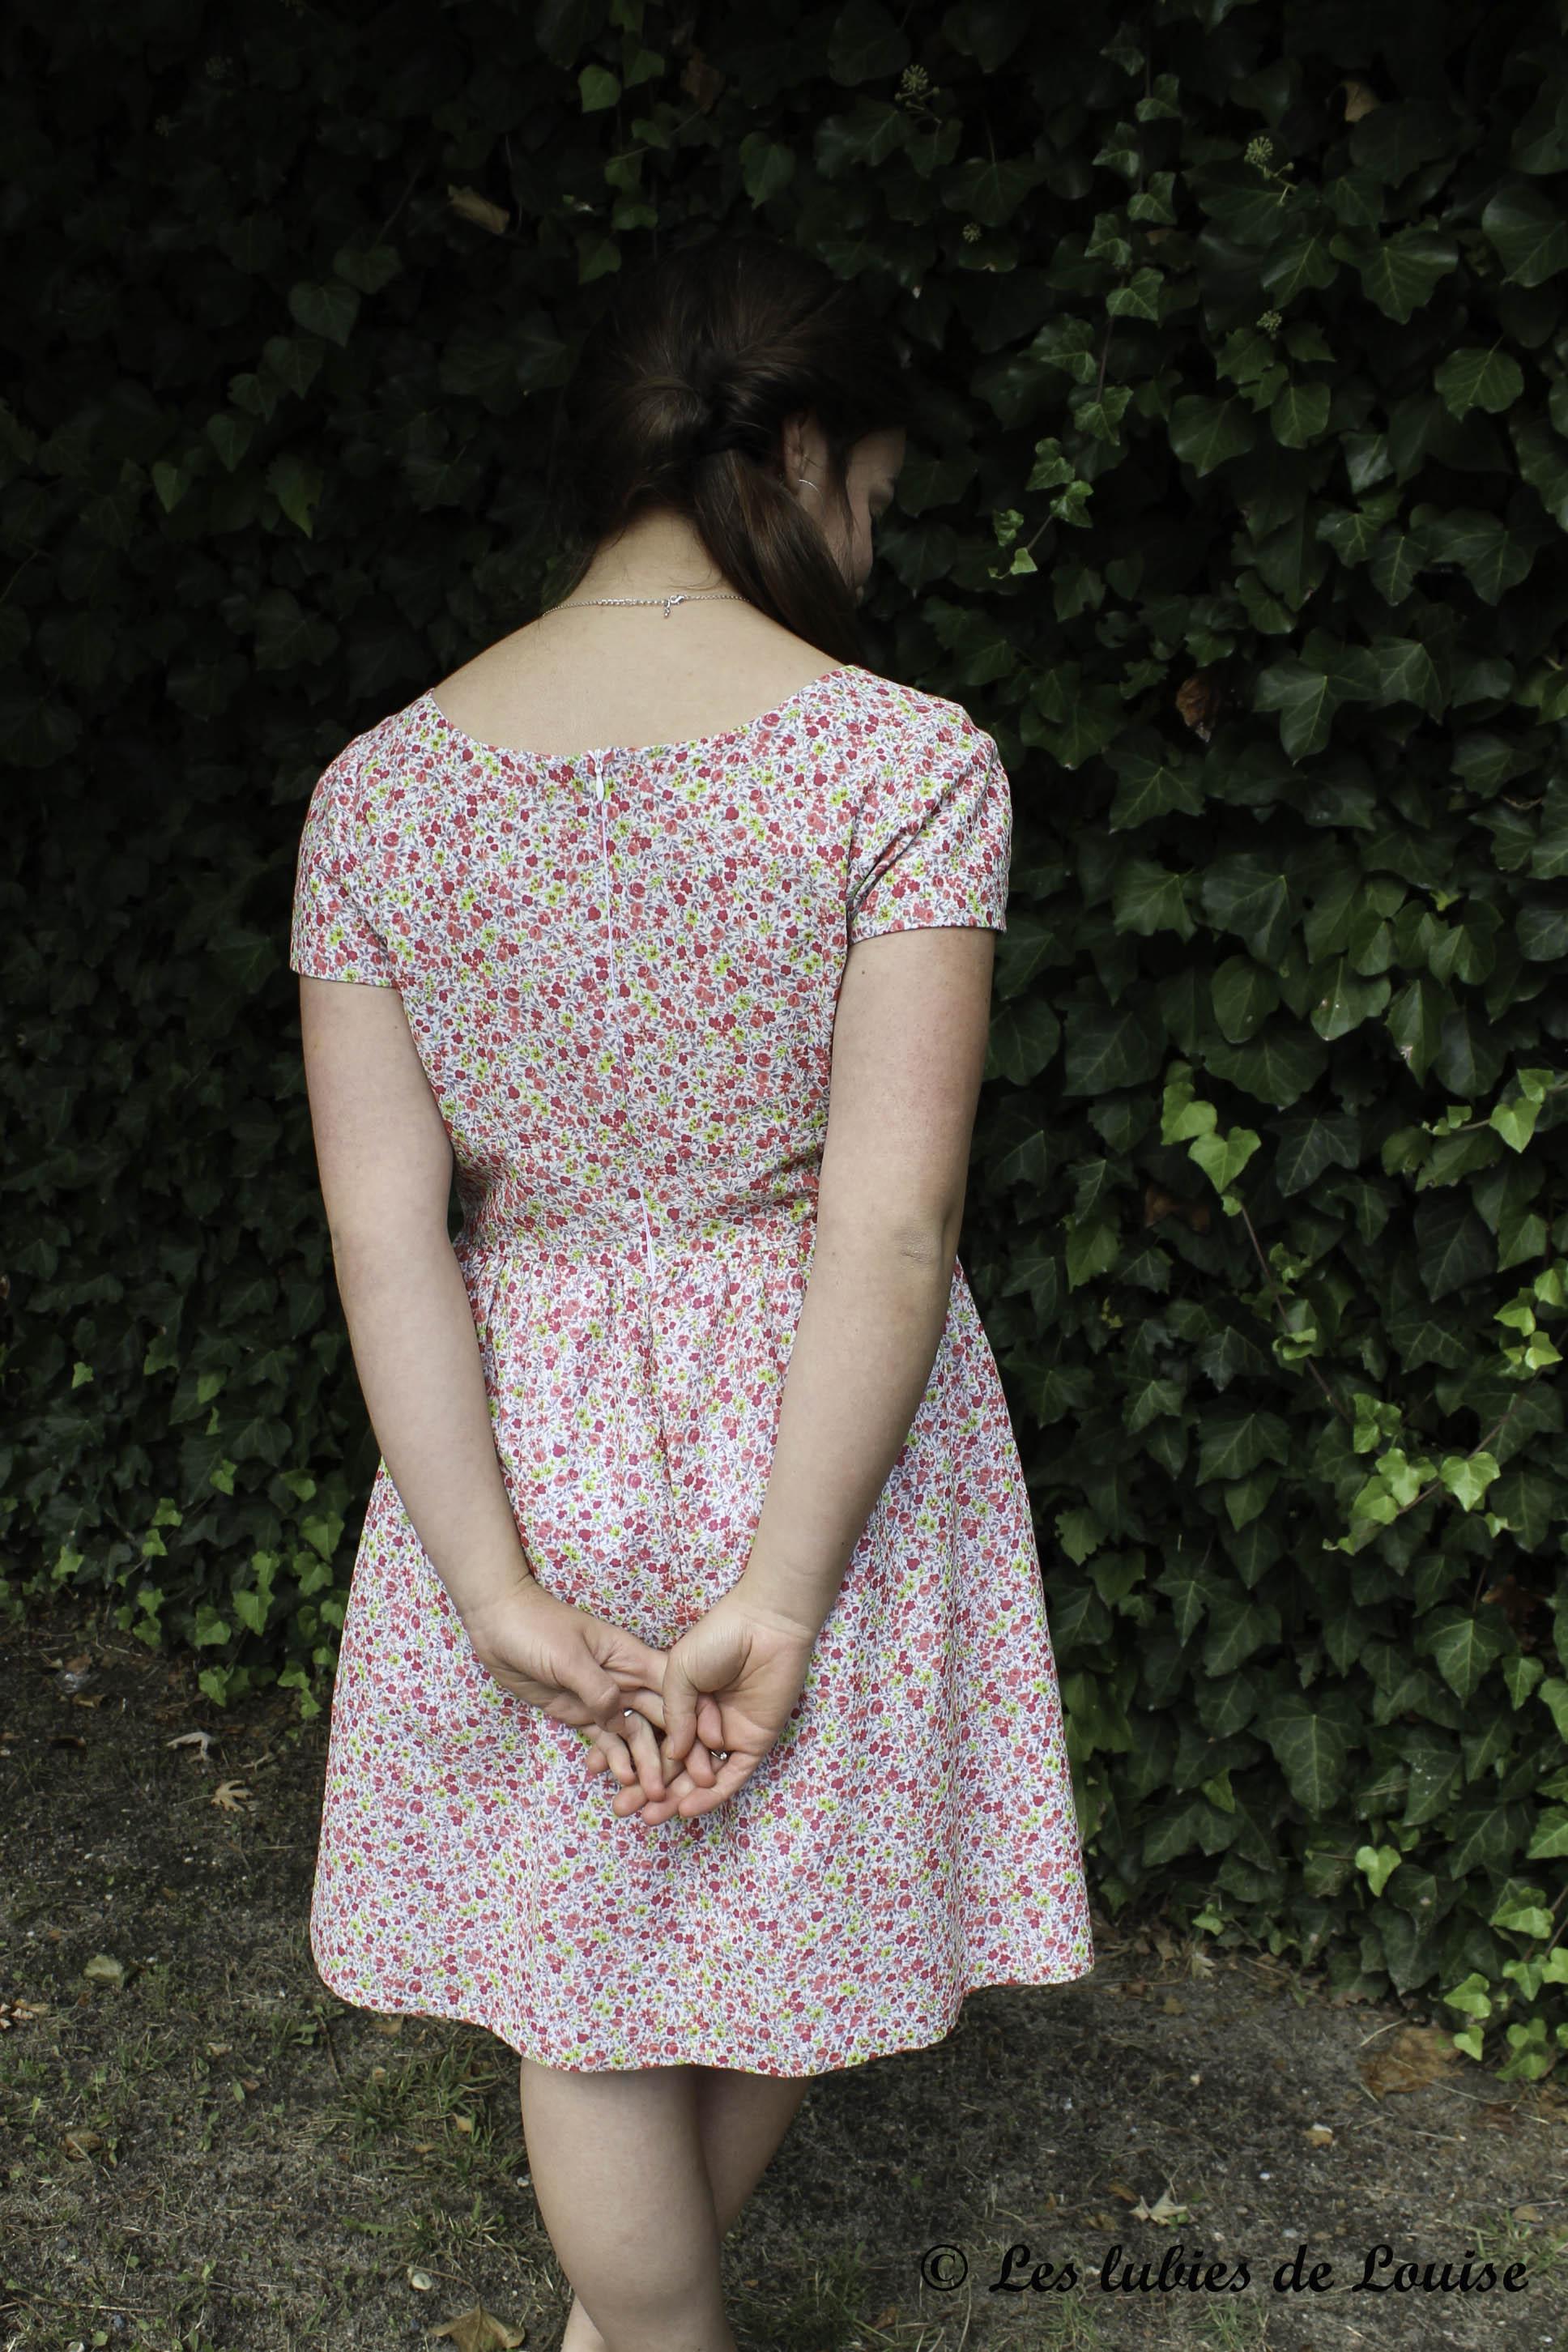 Robe d'anniversaire burda 05-2013 robe 125 - Les lubies de Louise (8 sur 8)